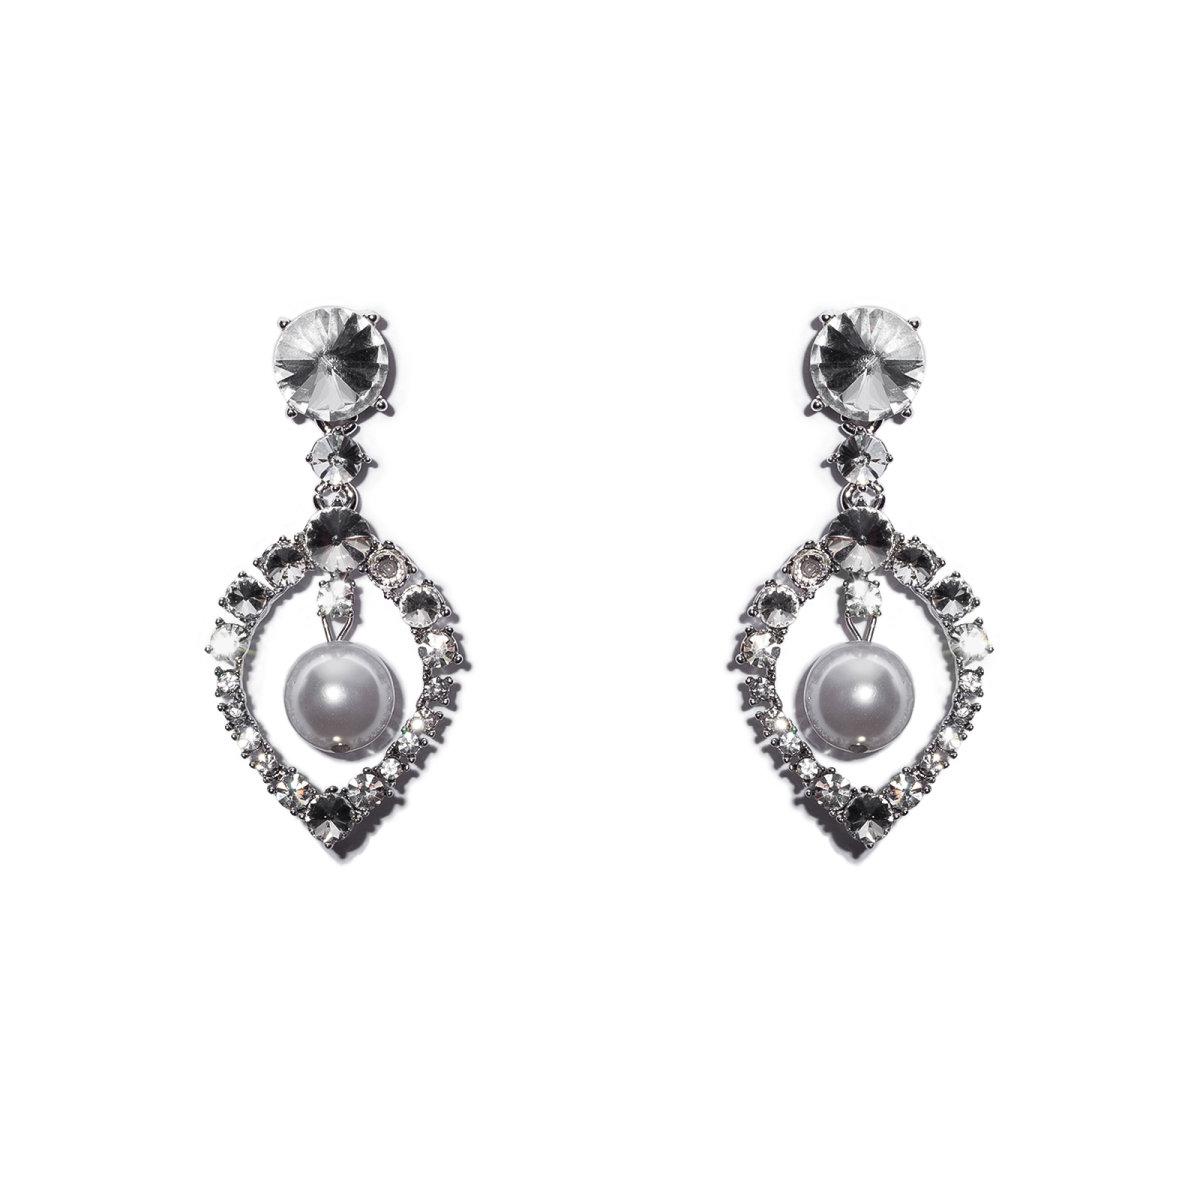 Cercei cu cristale de sticla si aplicatii tip perle Argintiu